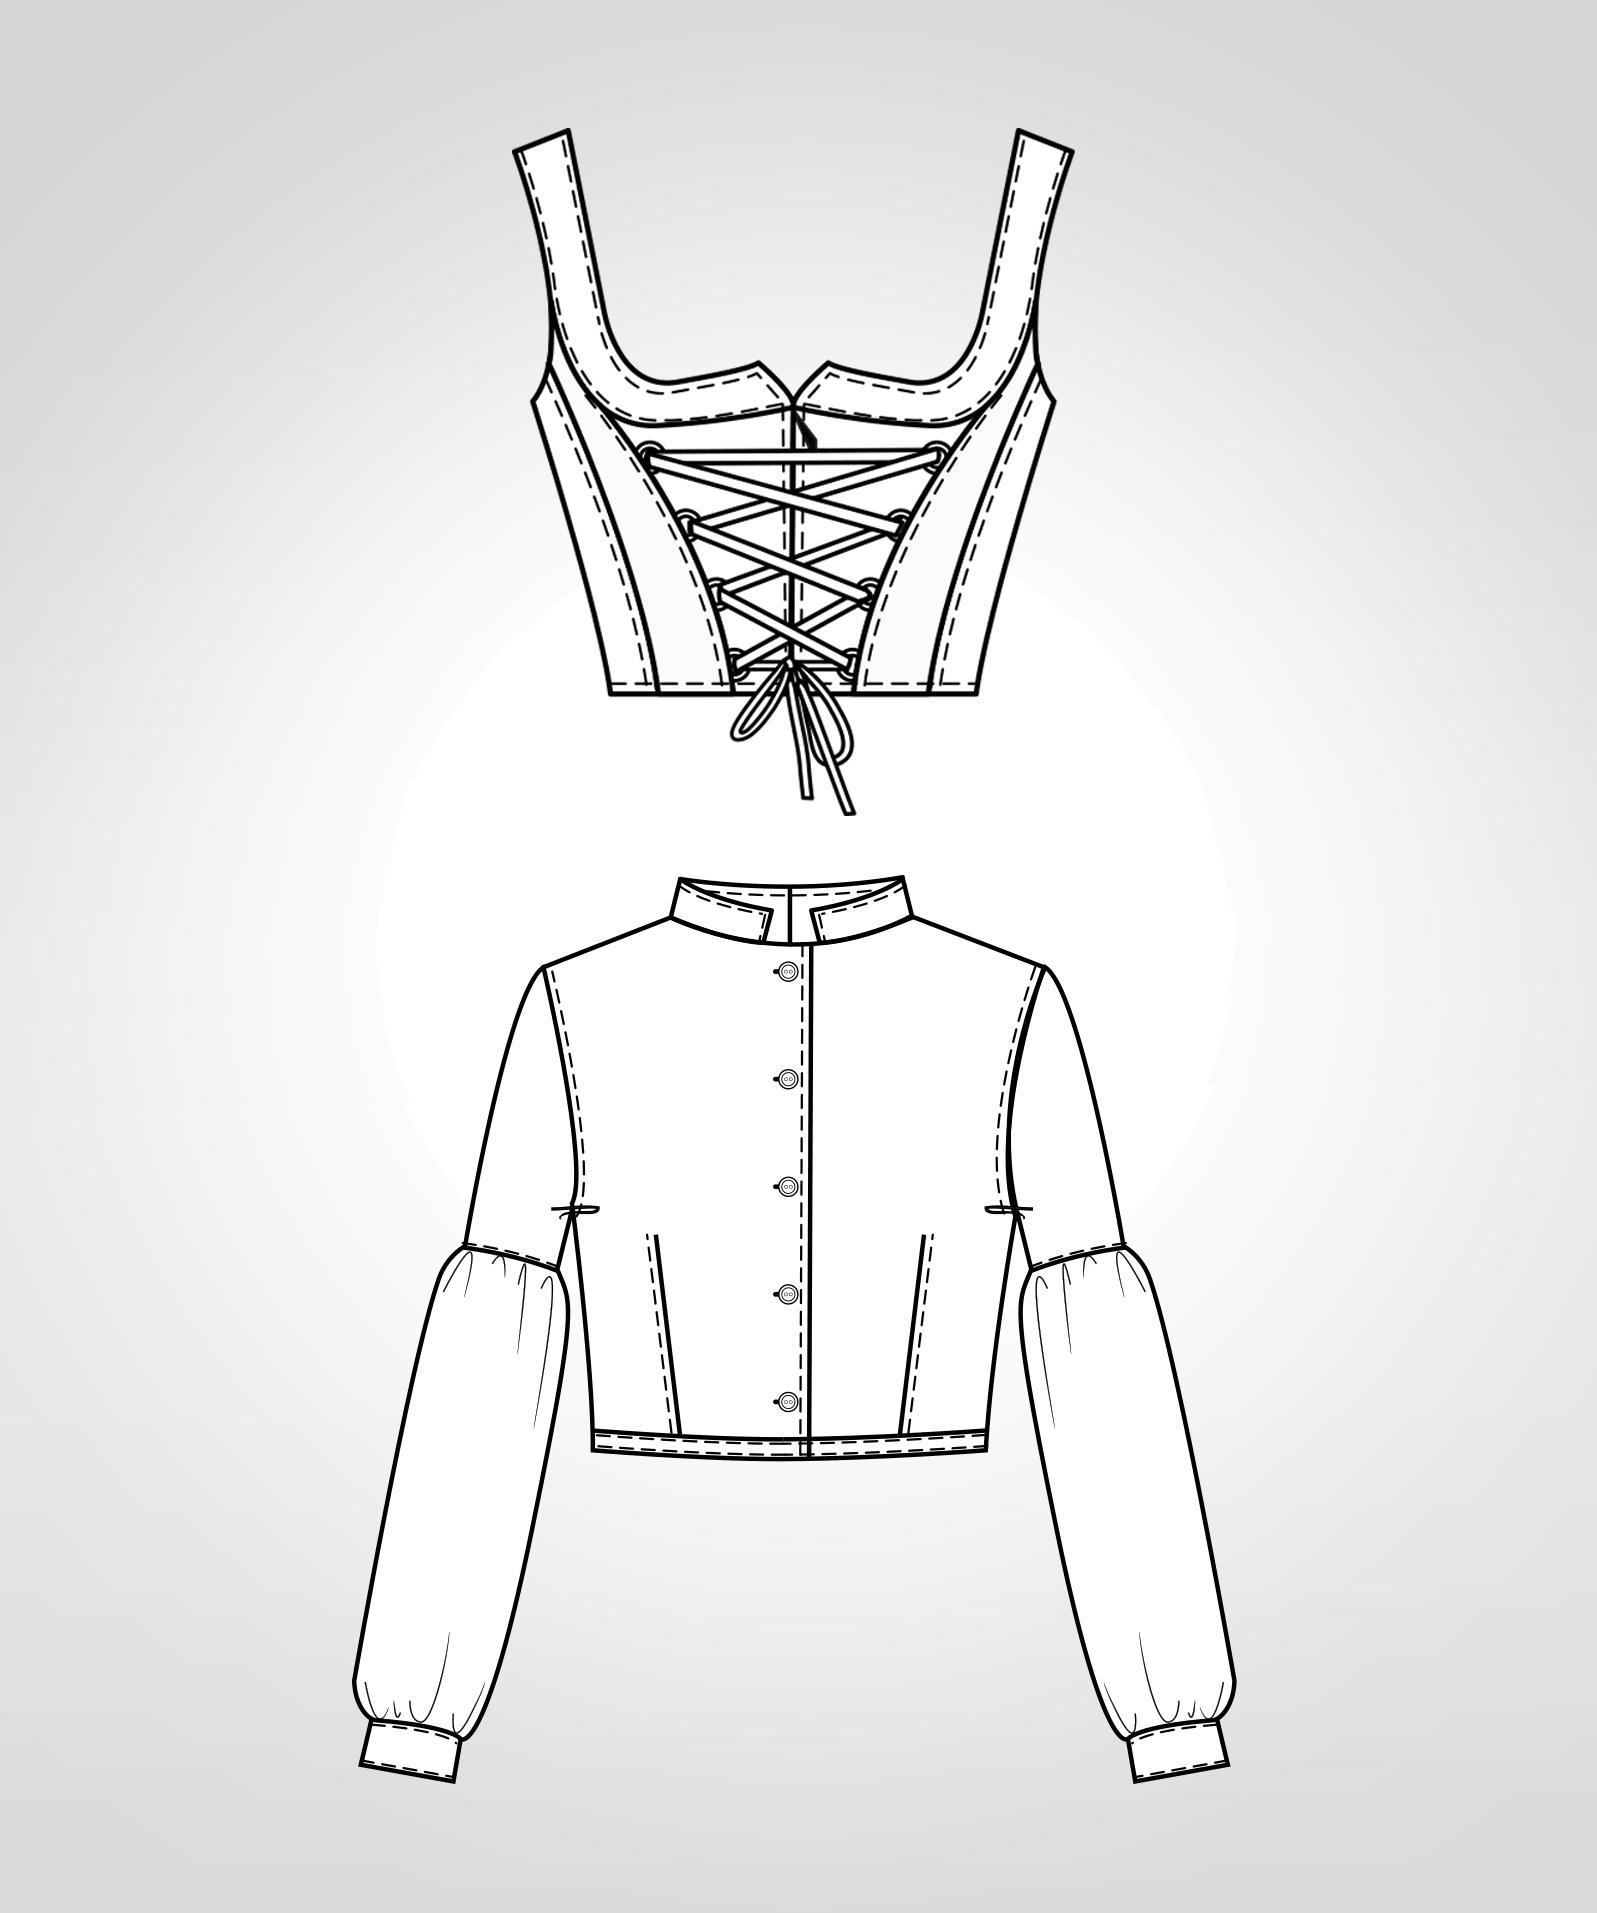 Diese technische Zeichnung zeigt die Vorder-und Rückansicht von Trachtenmode für Kinder Dieses Modell gibt es als Schnittmuster.